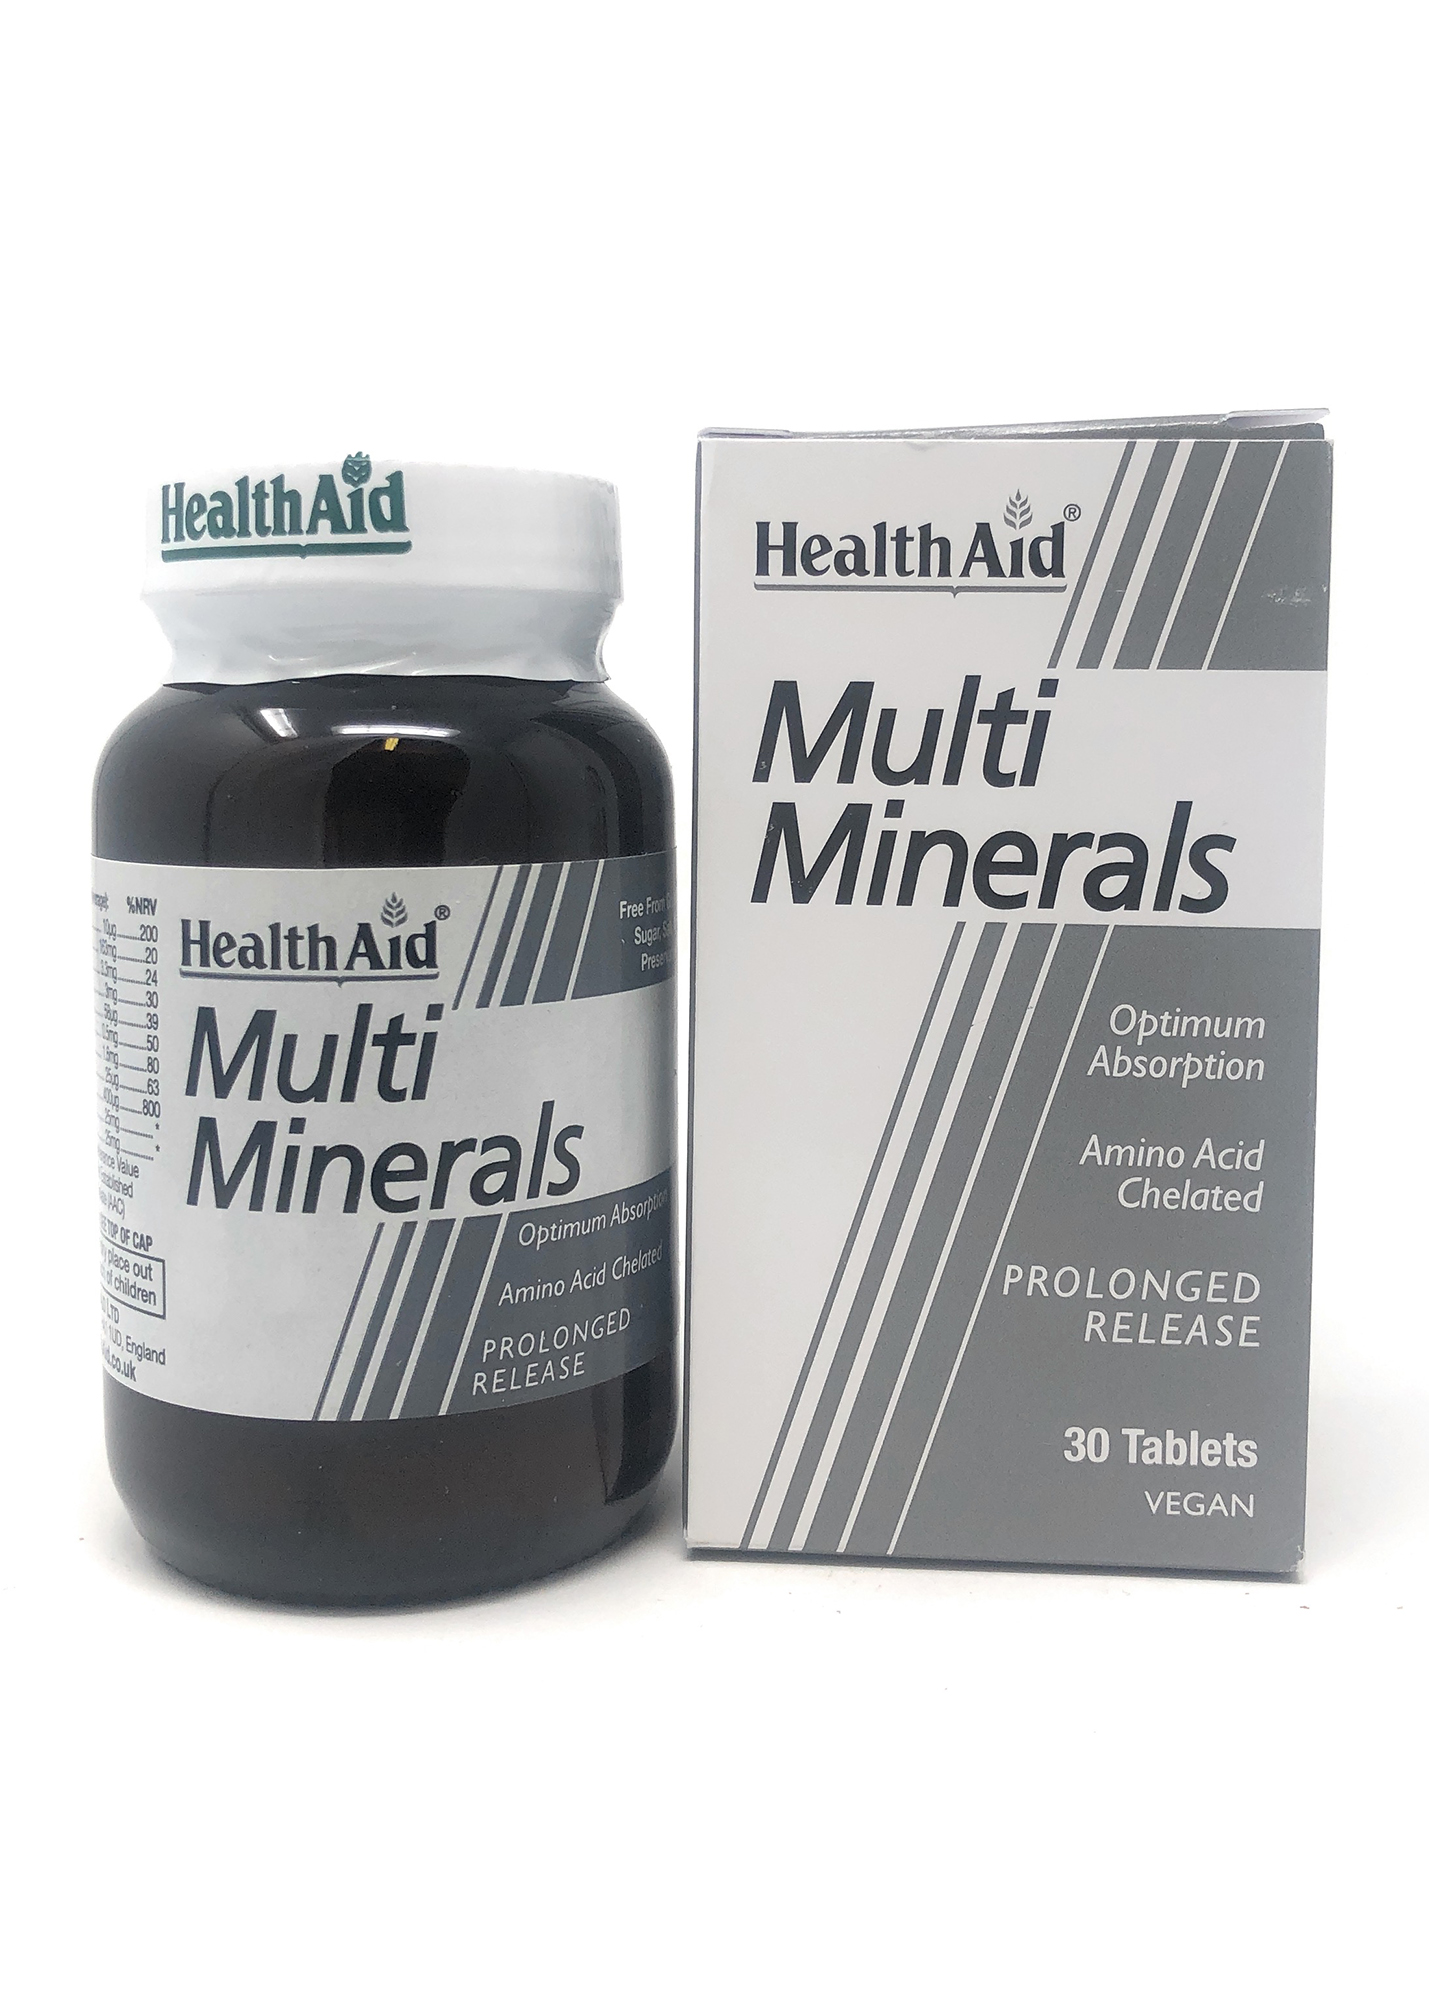 HealthAid Multi Minerals (verz. Freisetzung) 30 Tabletten (vegan)